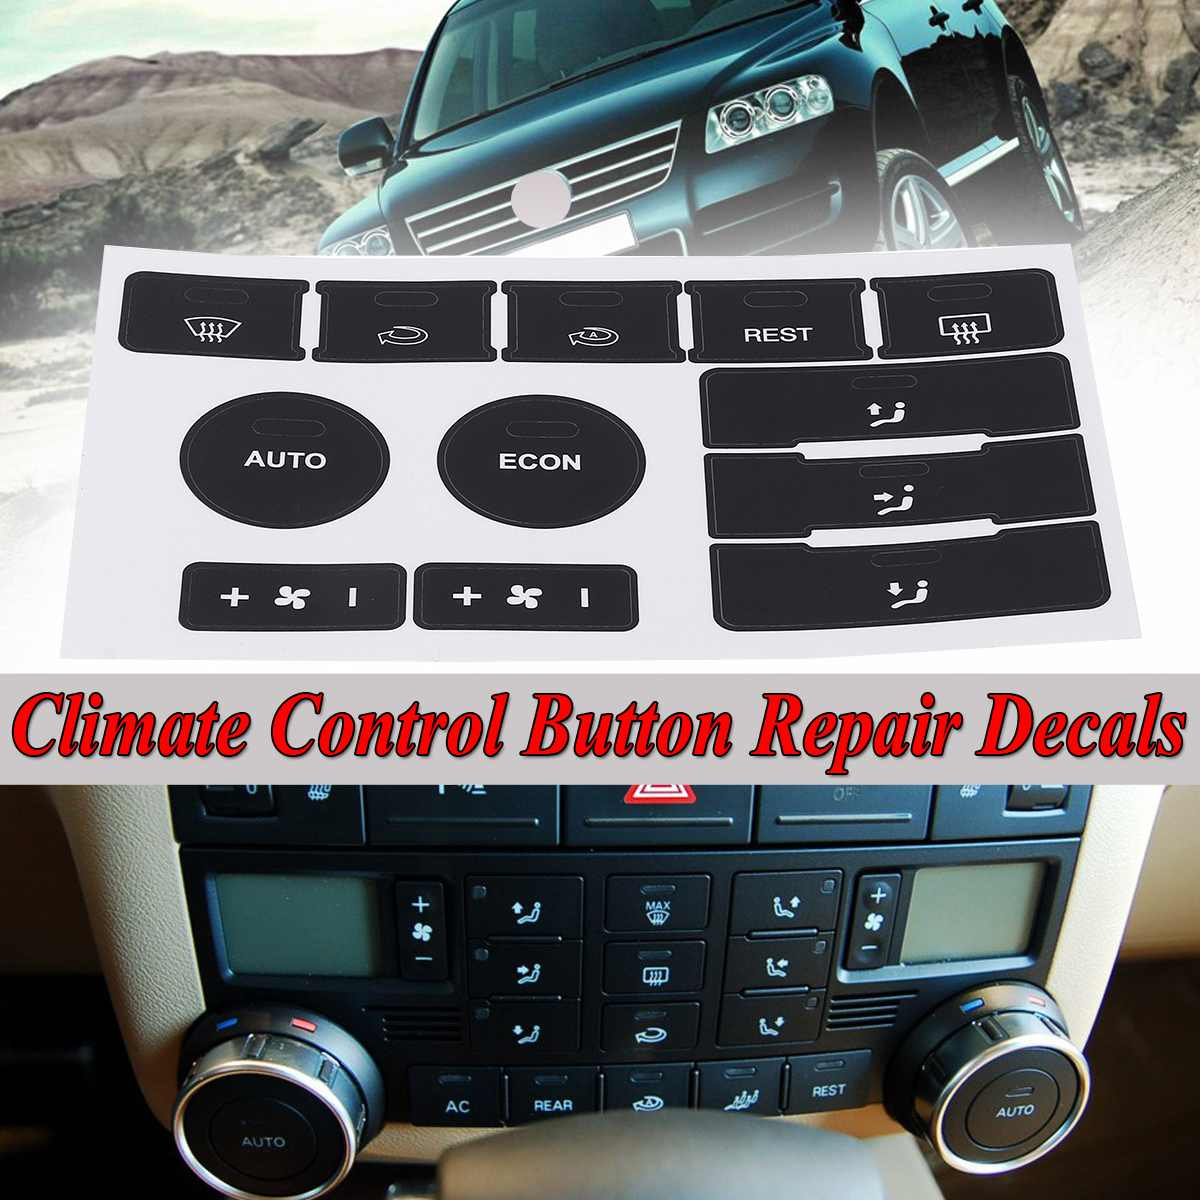 Calcomanías negras mate de reparación de botón de Control de aire acondicionado de coche para VW para Volkswagen Touareg 2004-2009 fijar el botón feo usado